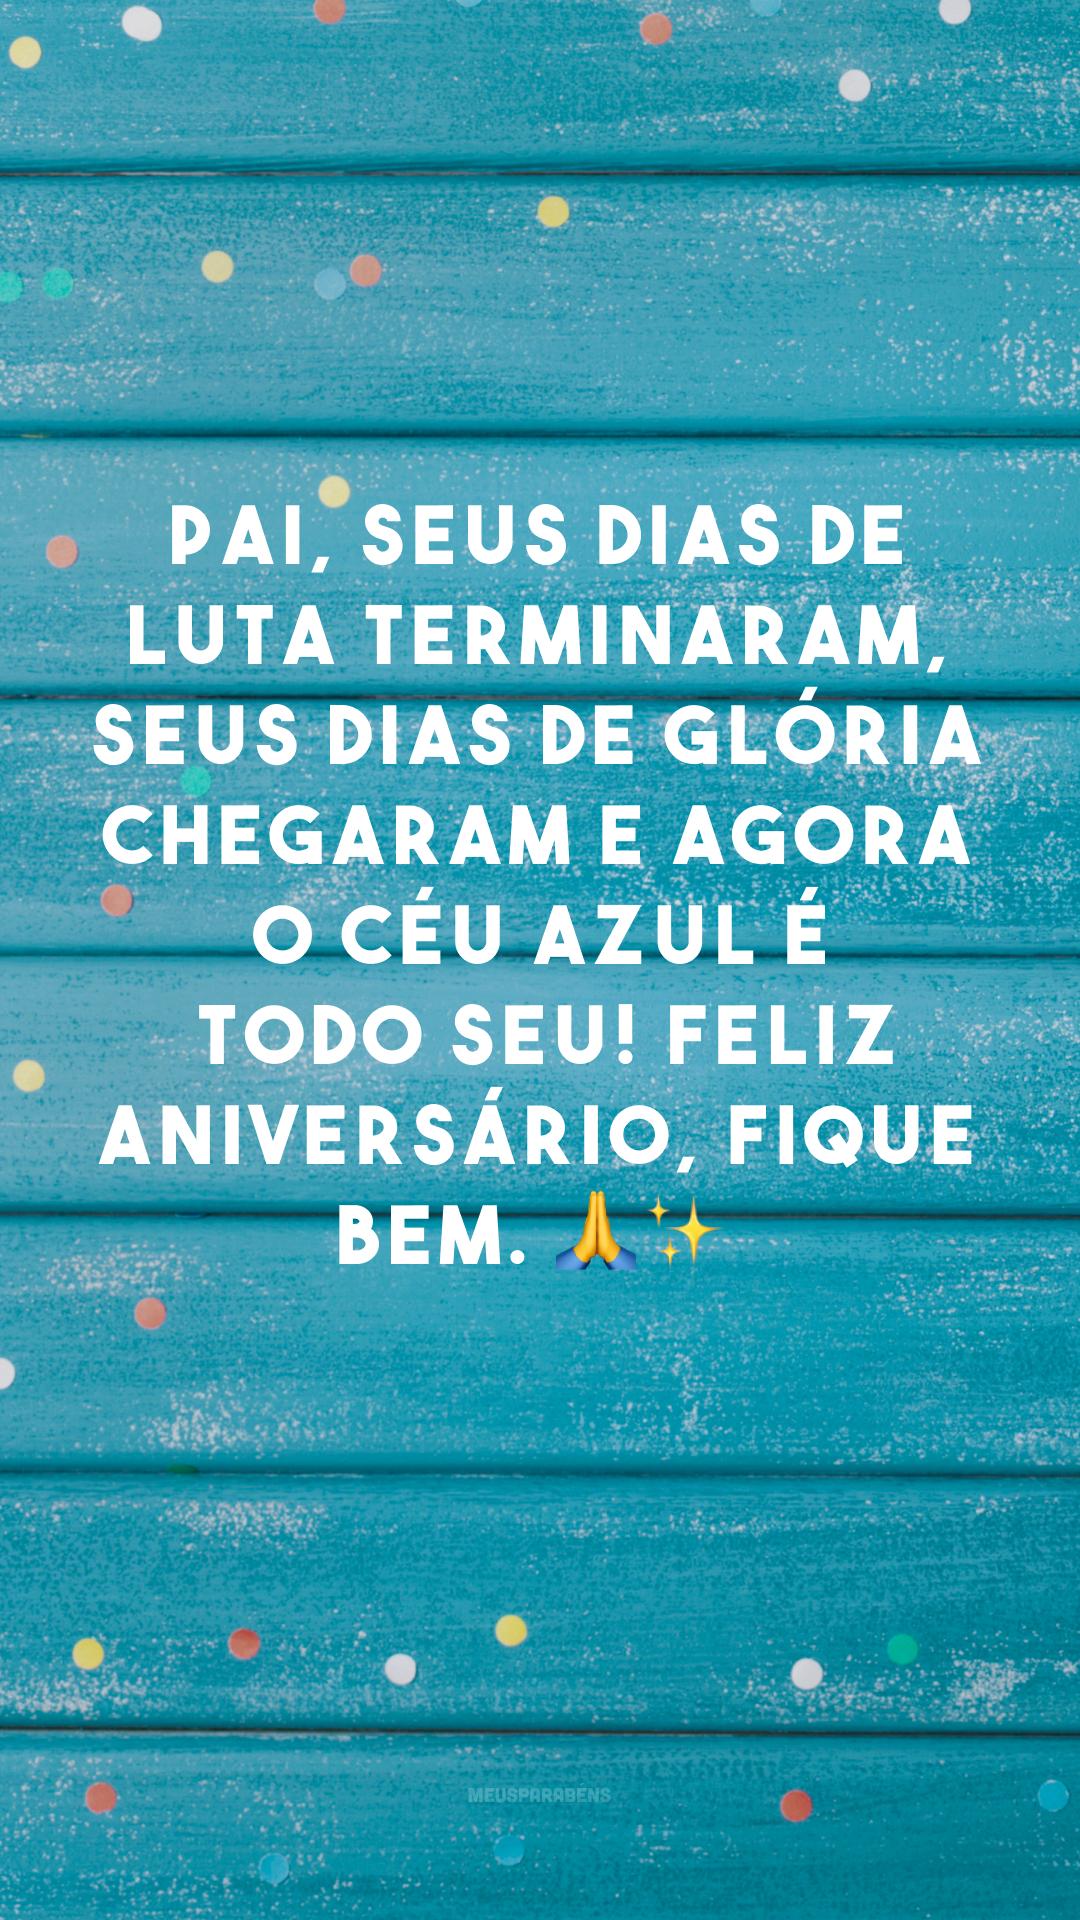 Pai, seus dias de luta terminaram, seus dias de glória chegaram e agora o céu azul é todo seu! Feliz aniversário, fique bem. 🙏✨<br />